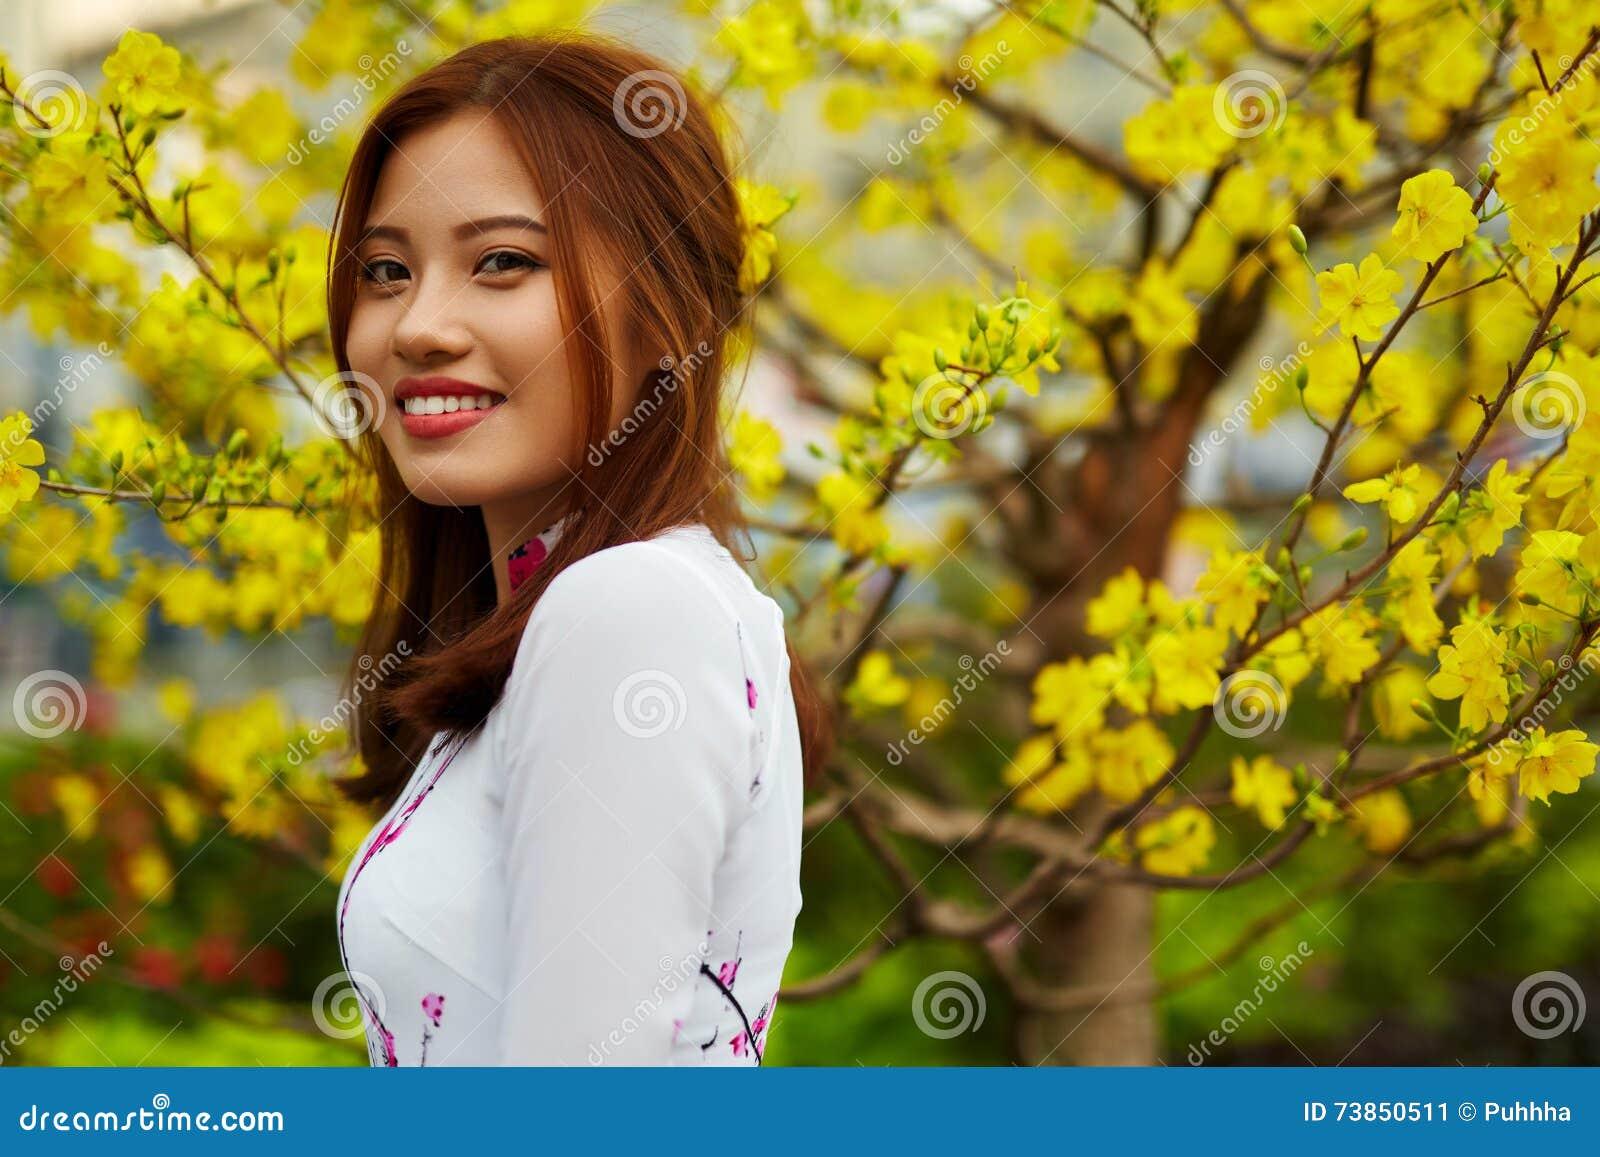 azjatyckie dziewczyny na randki w Melbourne zalety randki z młodszą kobietą